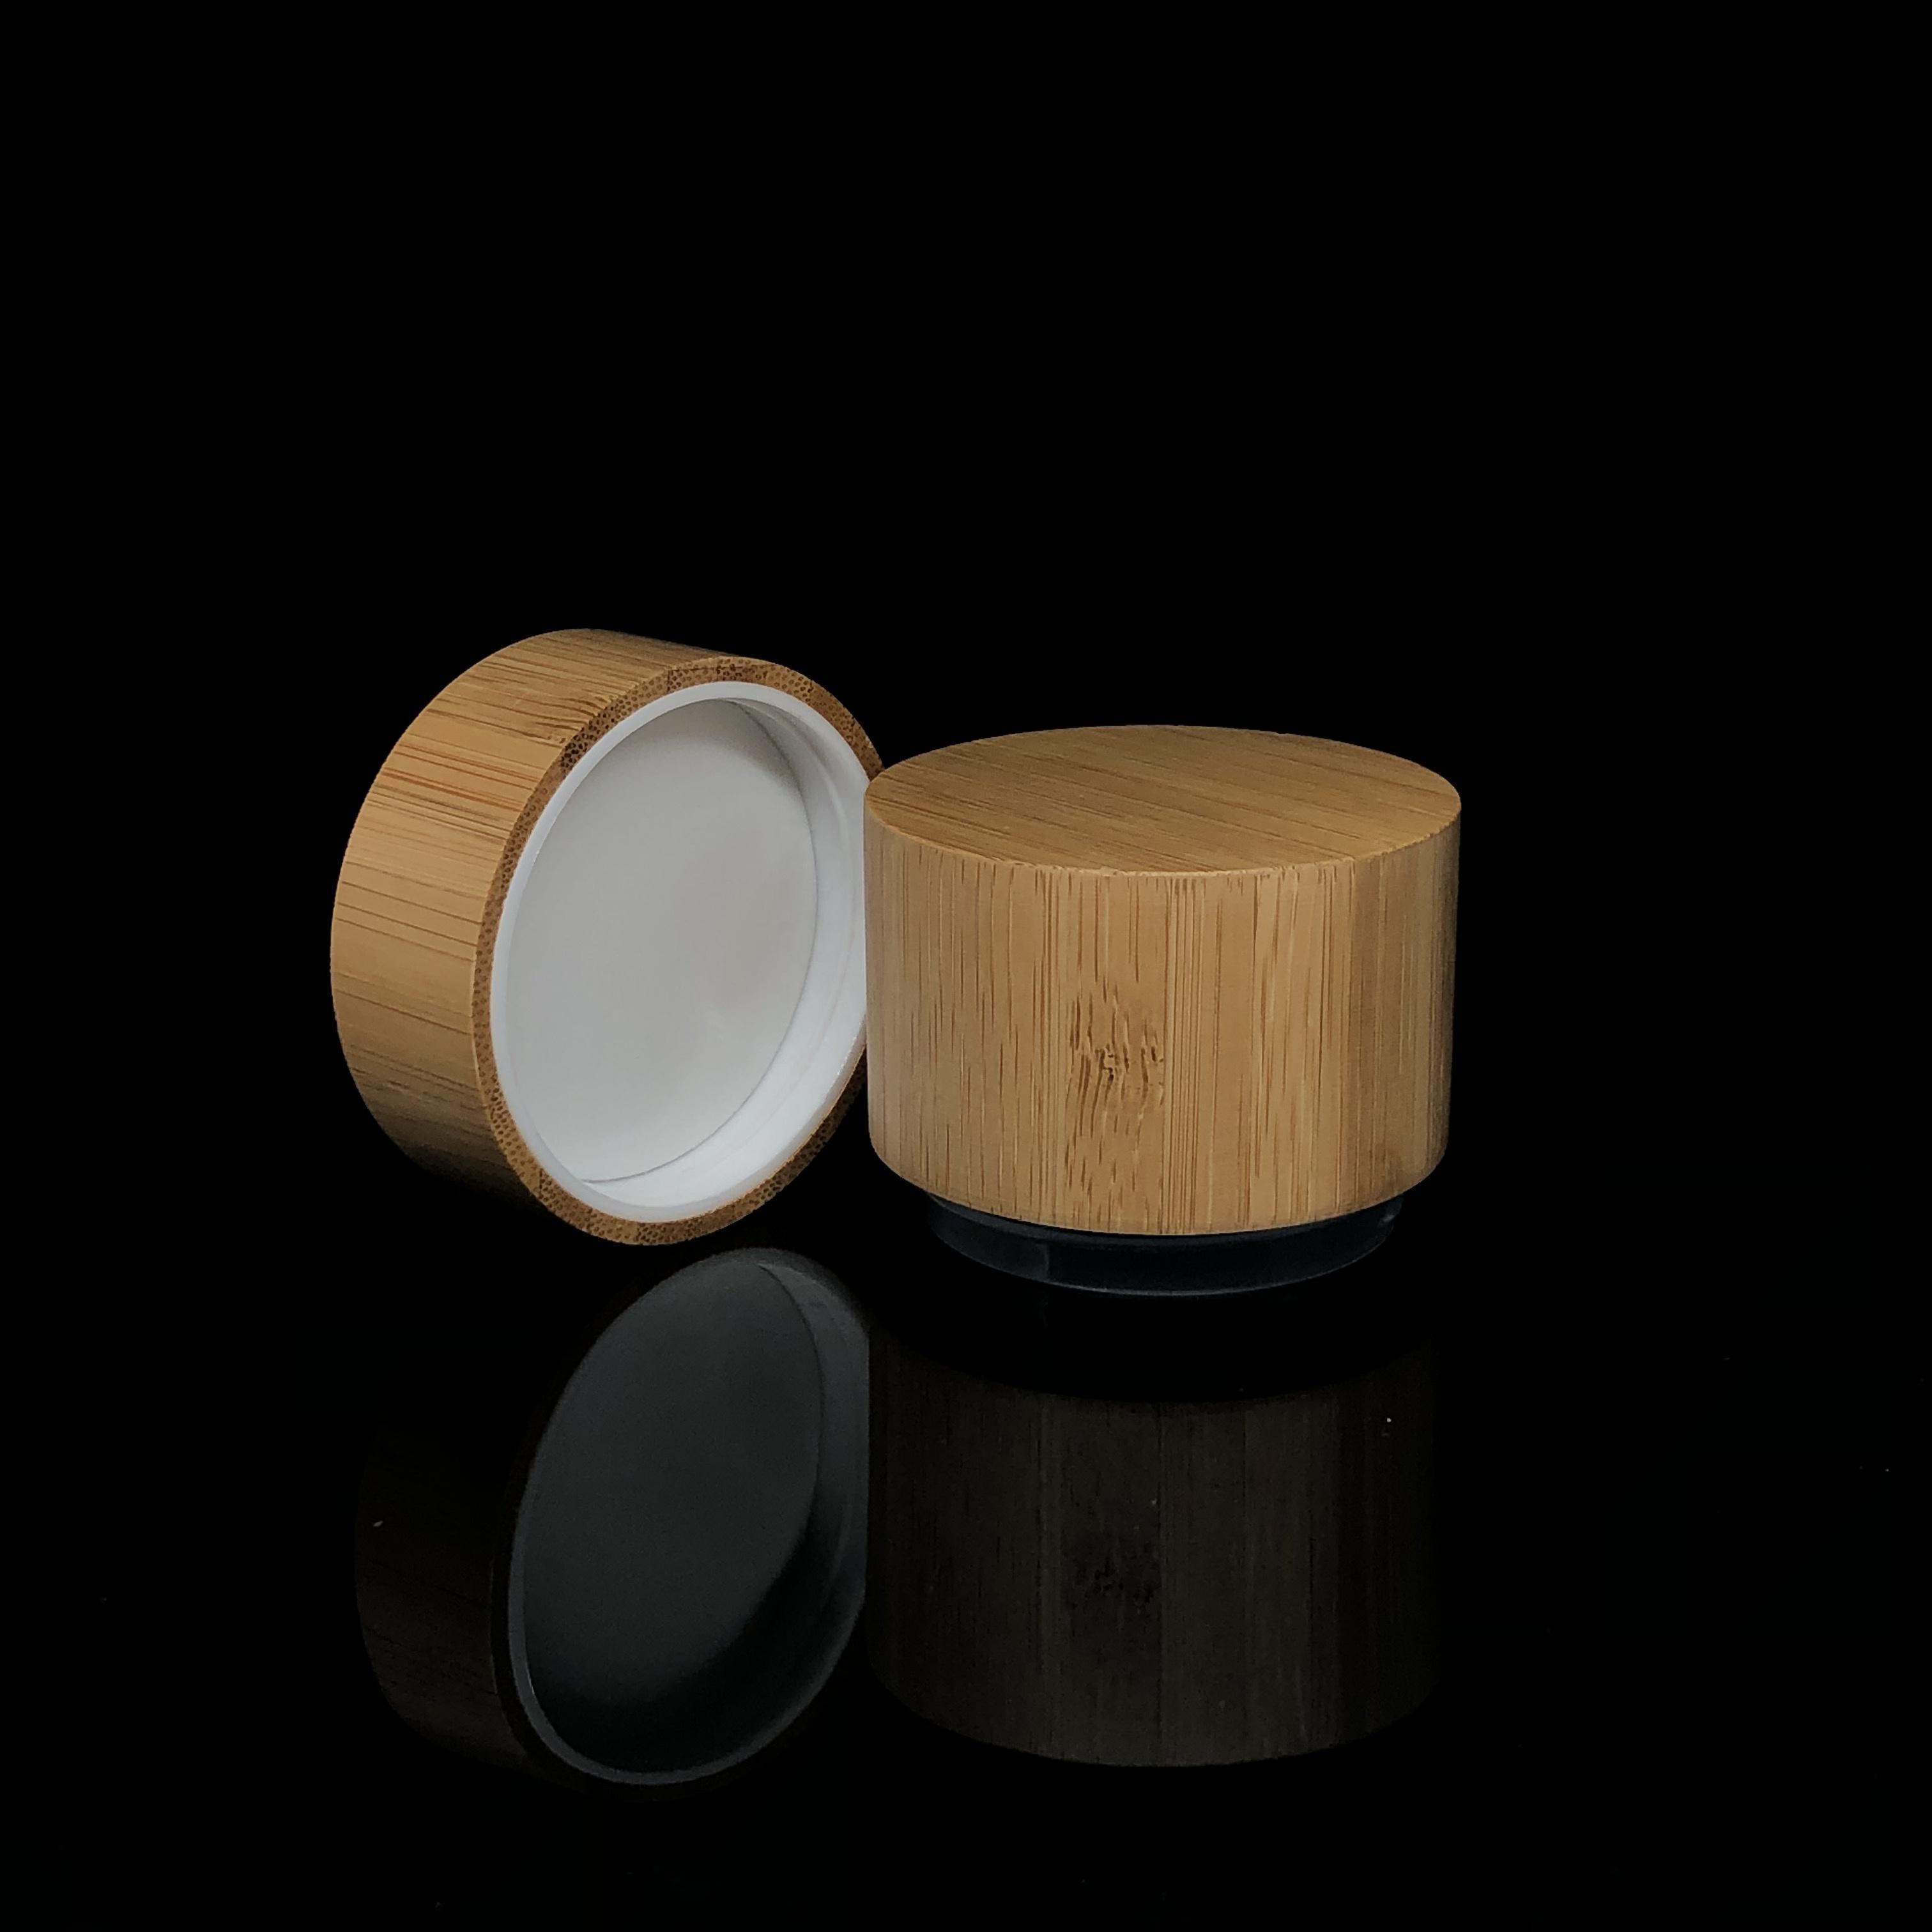 Umweltfreundliche Leer Nachfüllbar Container Lip Balm Auge Creme Lagerung Verpackung Bambus Kunststoff Glas mit Schraube Kappe